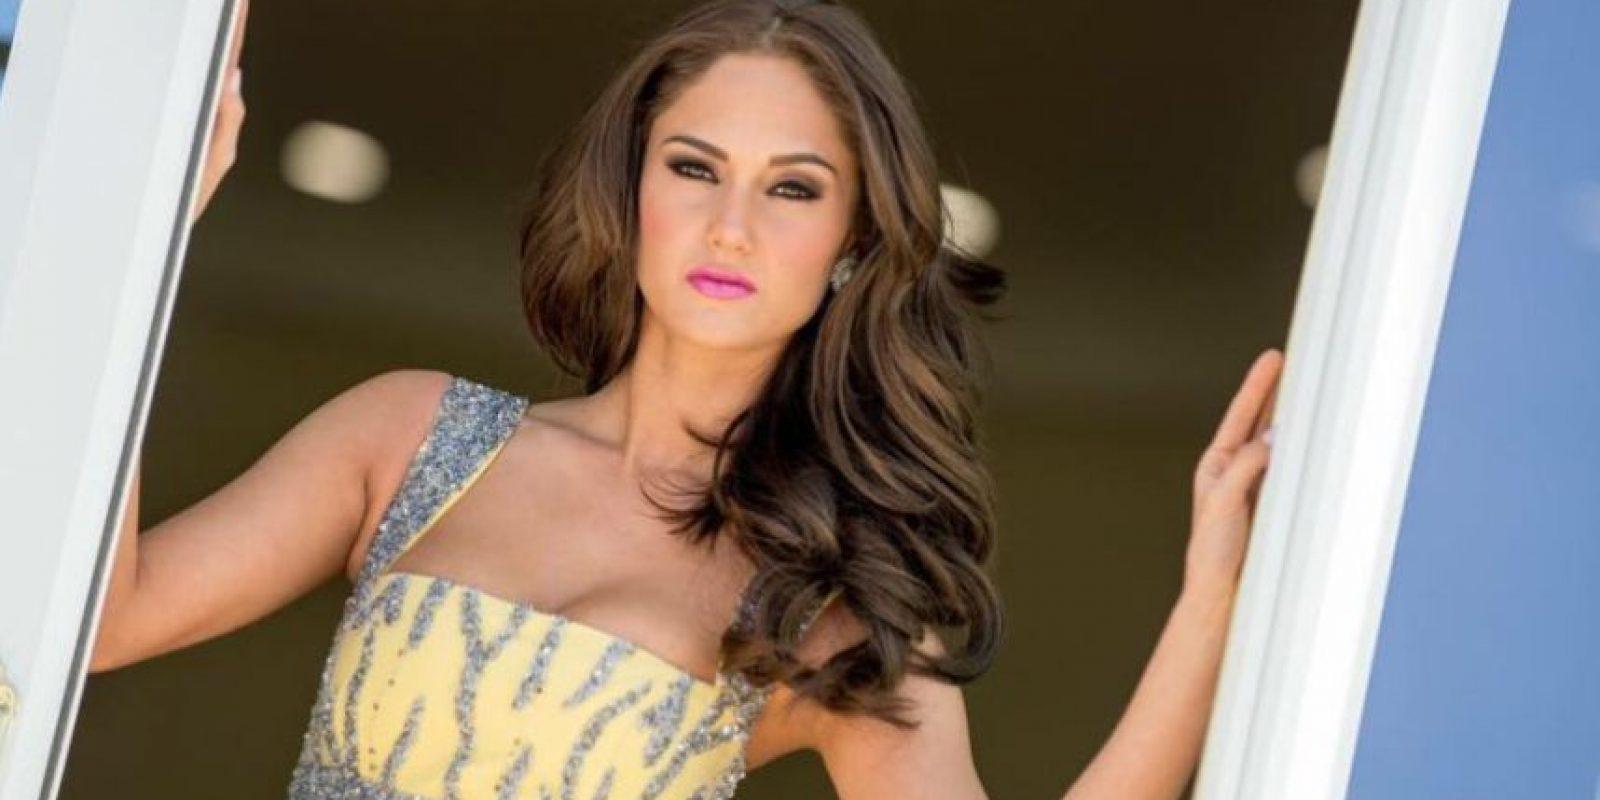 La representante de la belleza guatemalteca compartió en Facebook una imagen del traje que lucirá durante la gala de belleza este domingo Foto:Facebook Ana Luisa Montúfar